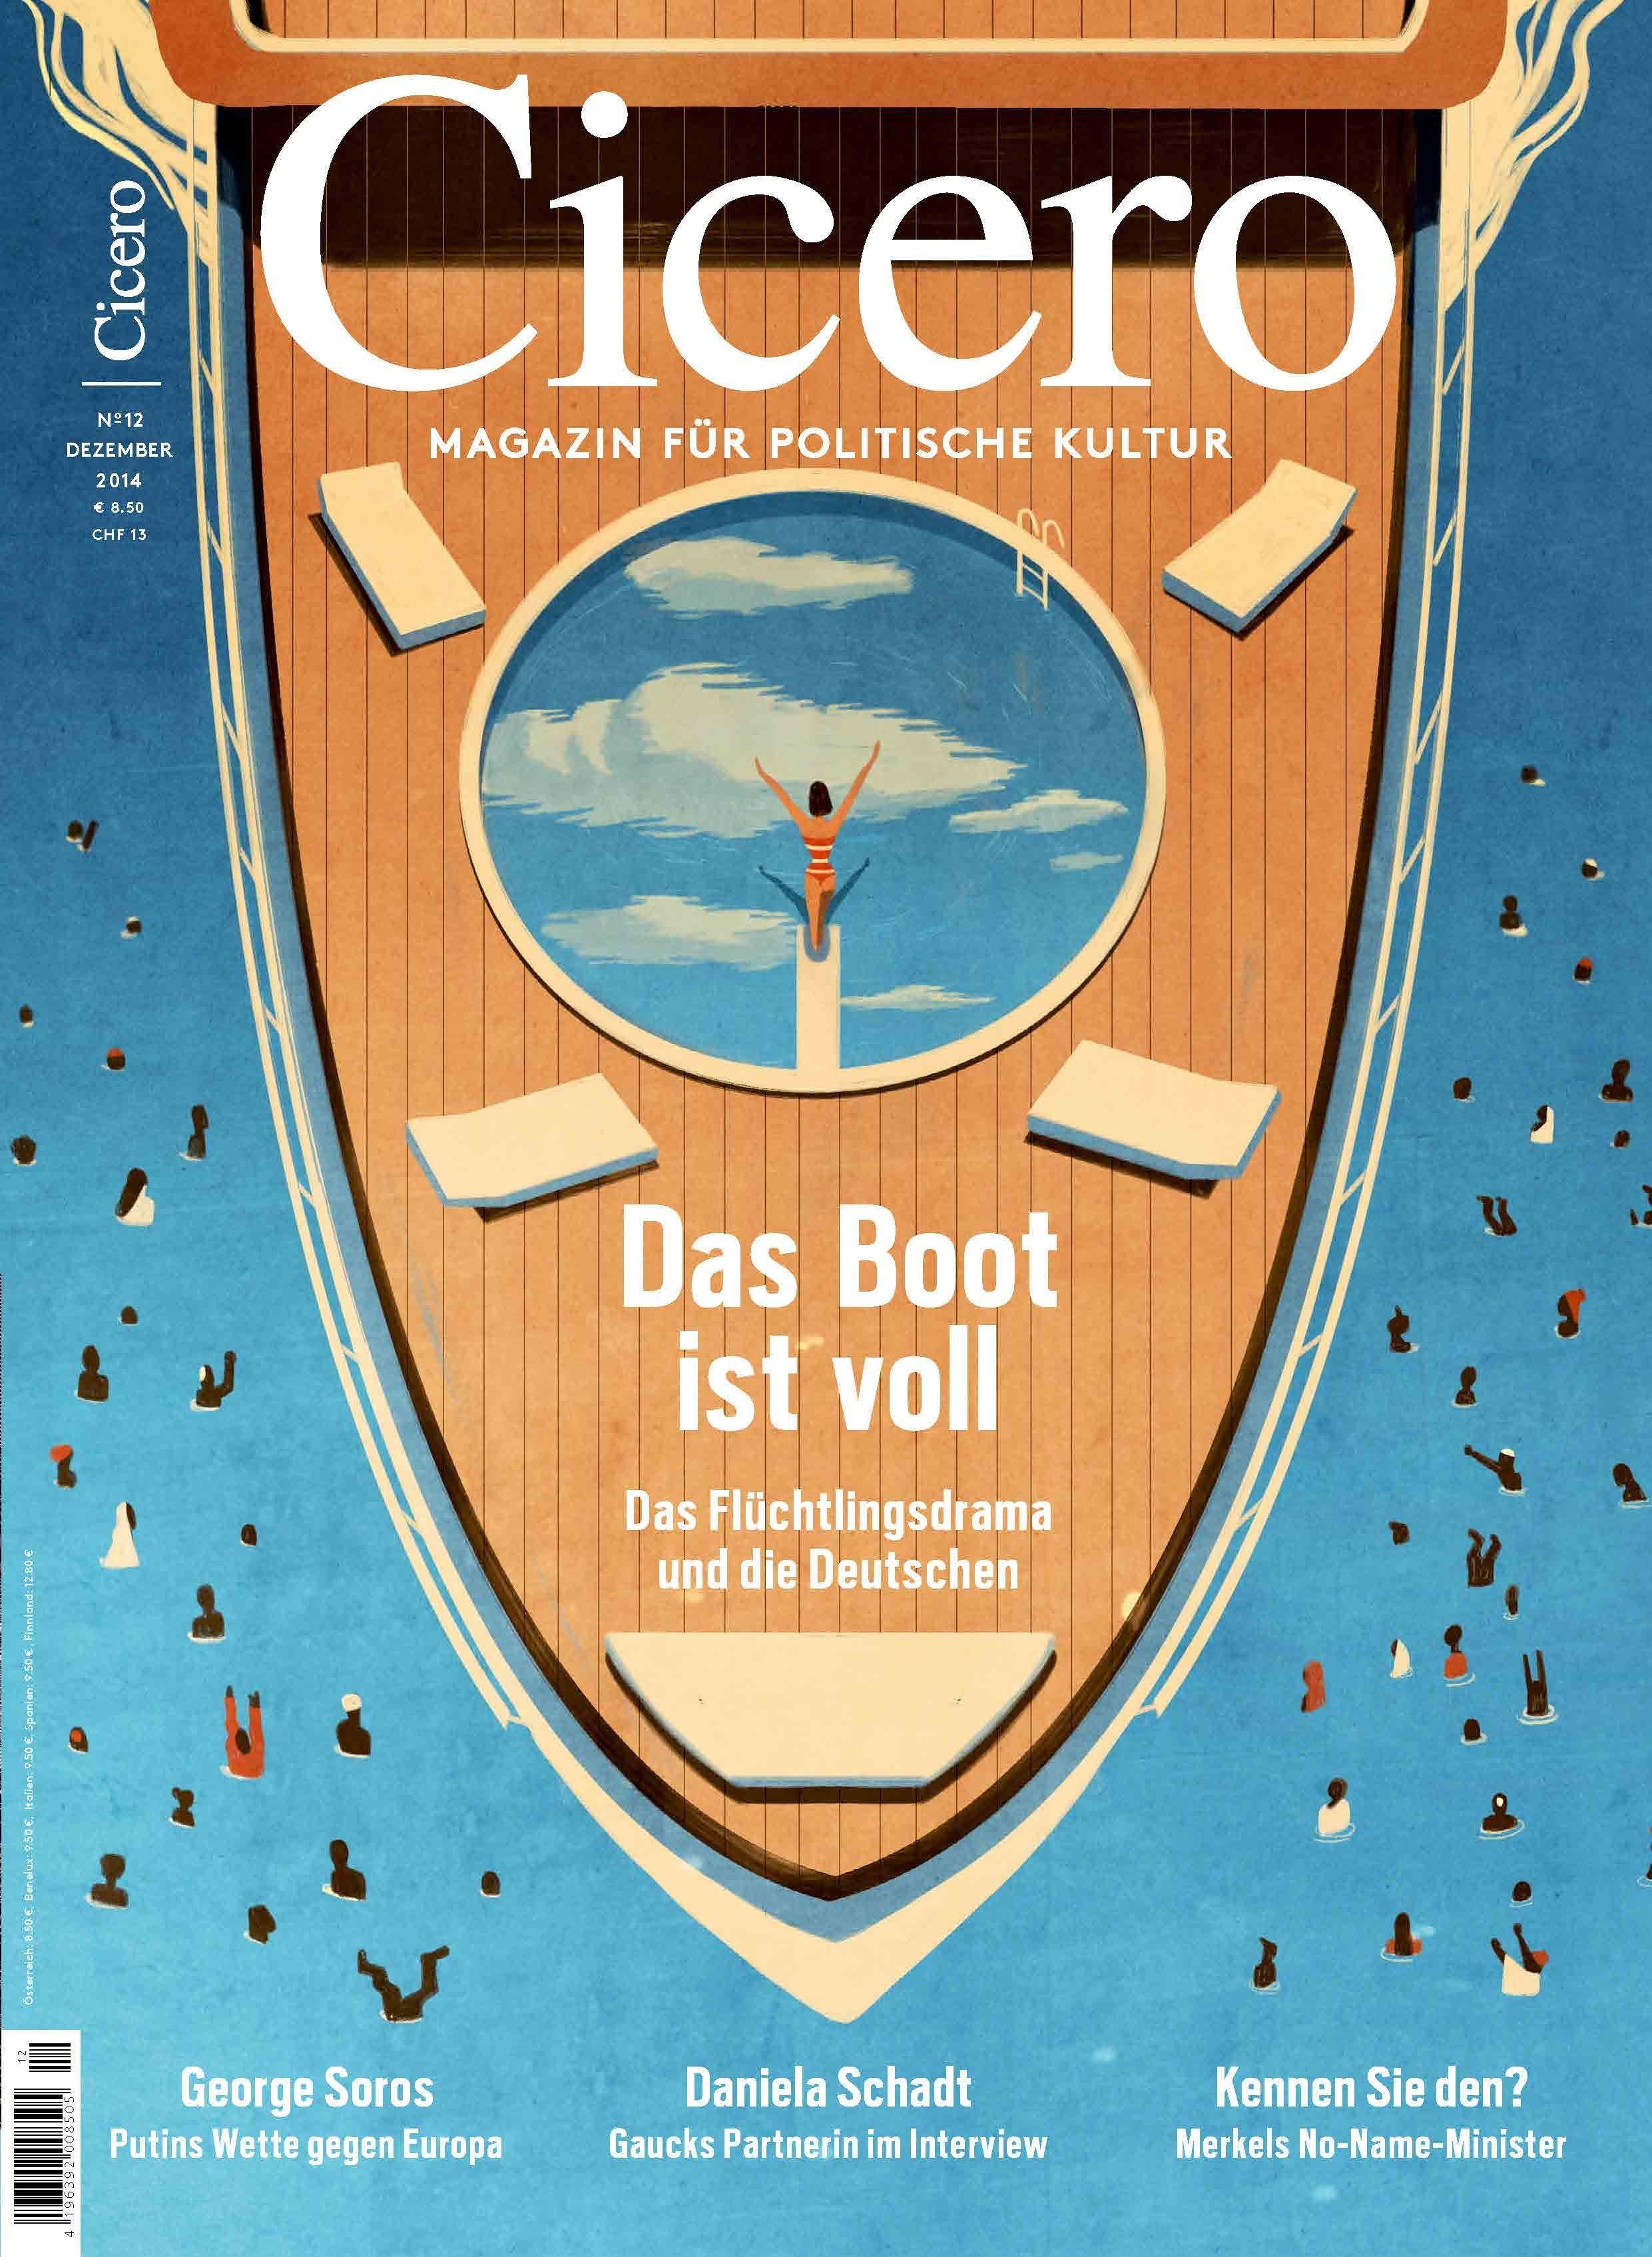 Cicero: Das wohl beste politische Cover dieser Woche kommt vom Cicero. Mit Hilfe einer einfachen Illustration setzten sich die Berliner mit der Frage auseinander, ob das Boot wirklich voll ist.